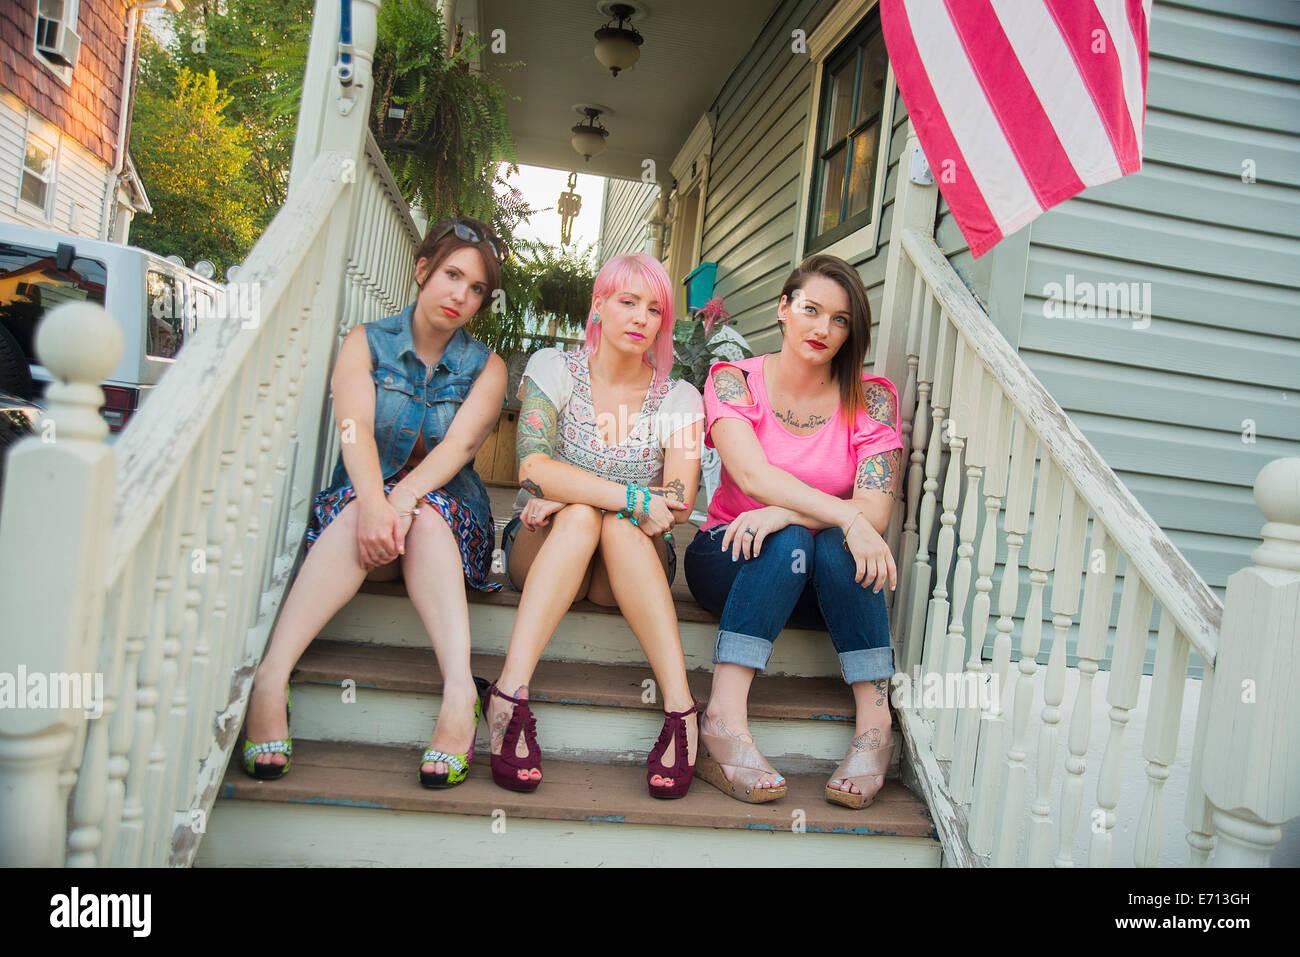 Retrato de amigas jóvenes sentados en el porche pasos Imagen De Stock